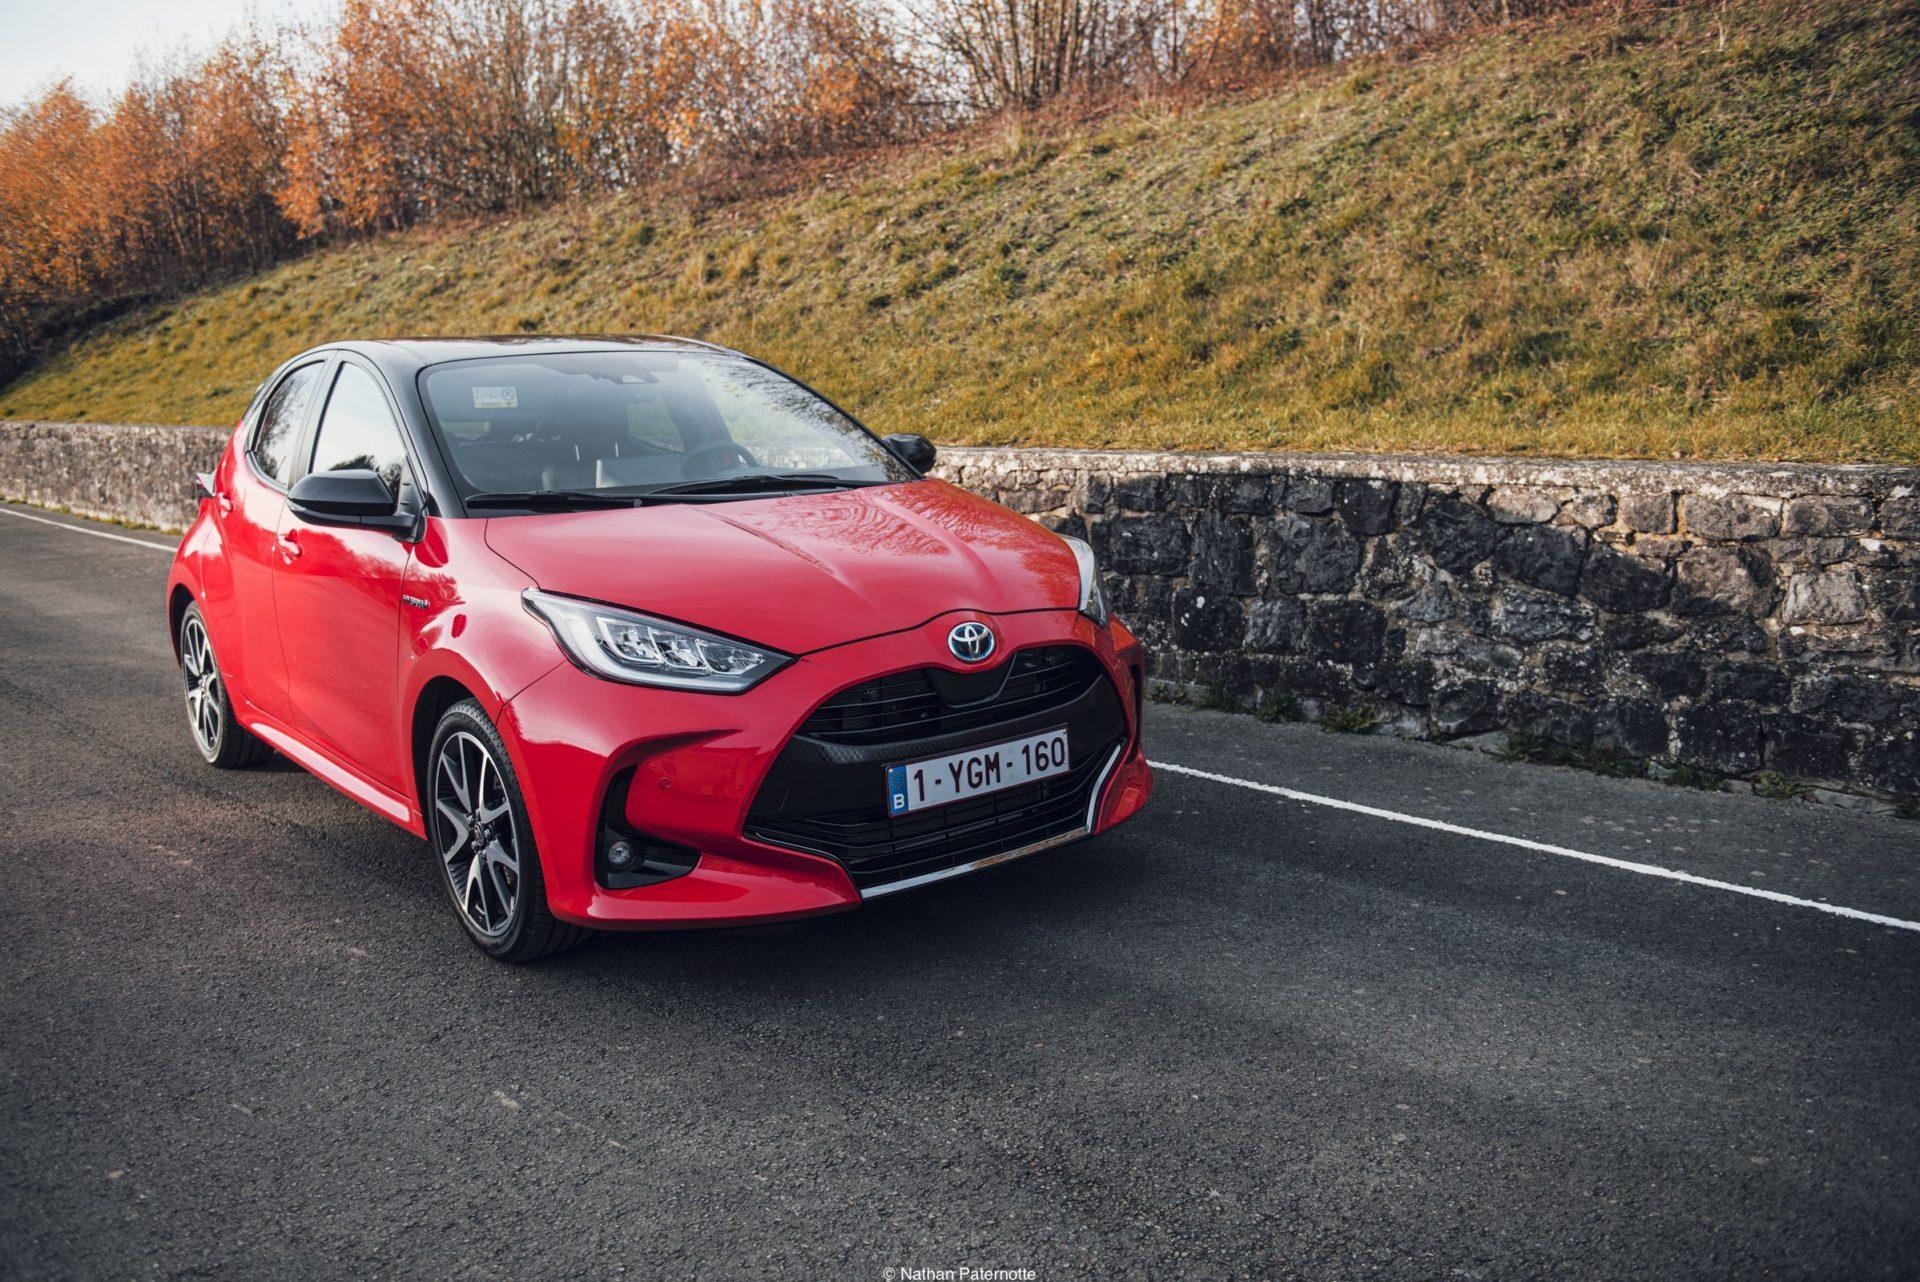 La Toyota Yaris sacrée voiture de l'année 2021